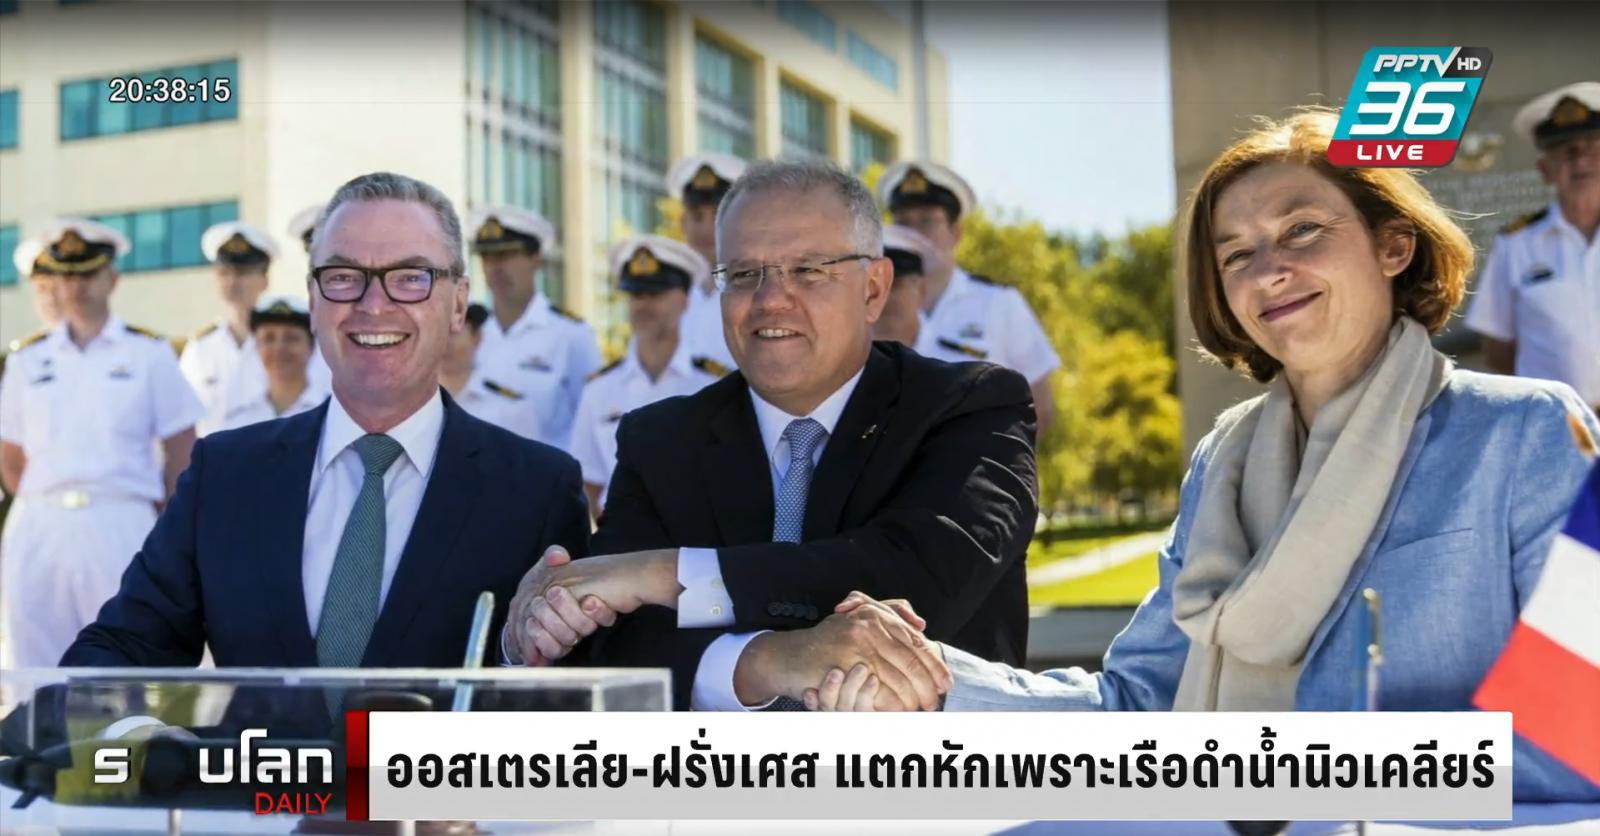 ออสเตรเลีย-ฝรั่งเศส แตกหัก เพราะเรือดำน้ำนิวเคลียร์